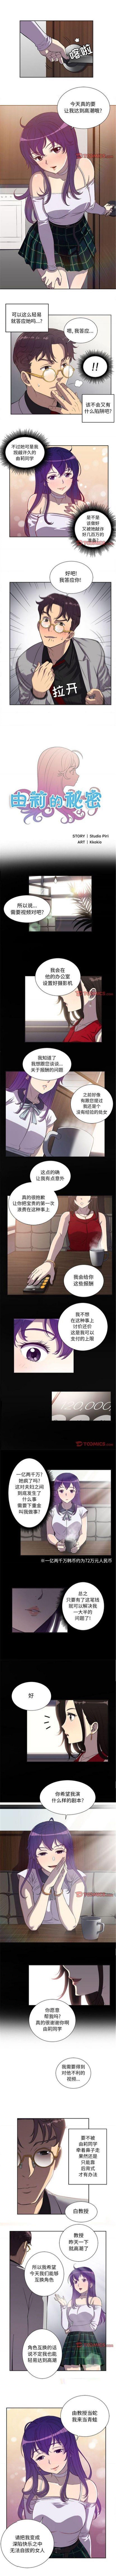 由莉的秘密1-60 中文翻译 (更新中) 274